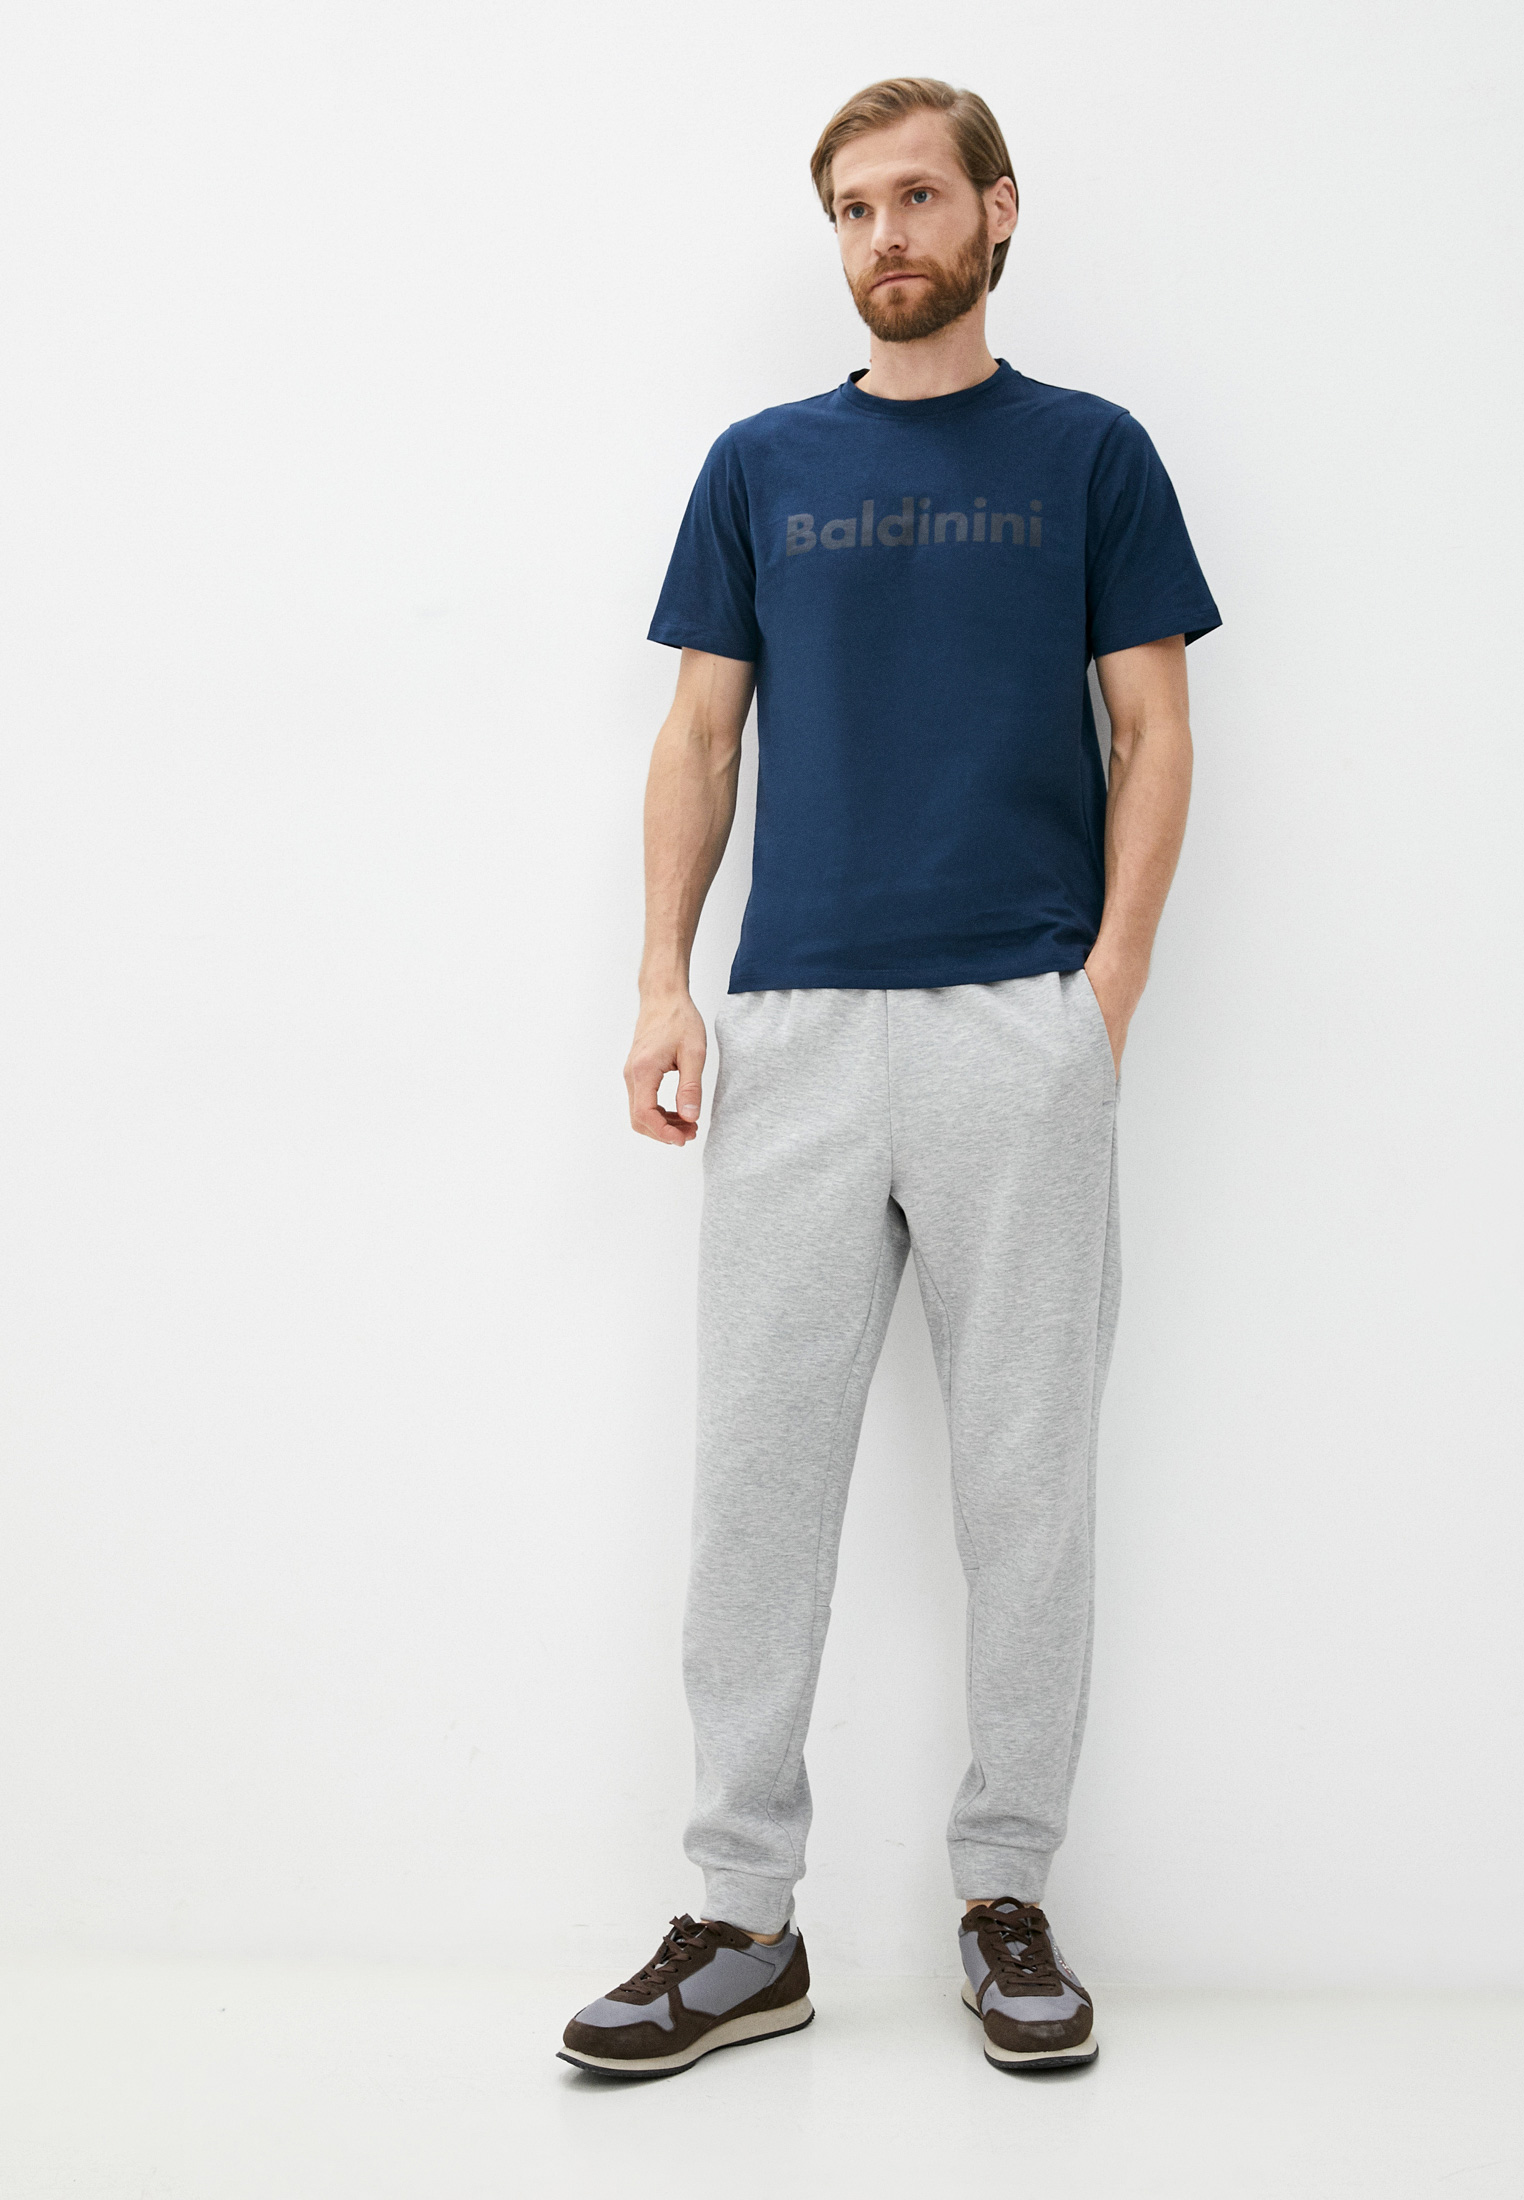 Мужская футболка Baldinini (Балдинини) TS14: изображение 3